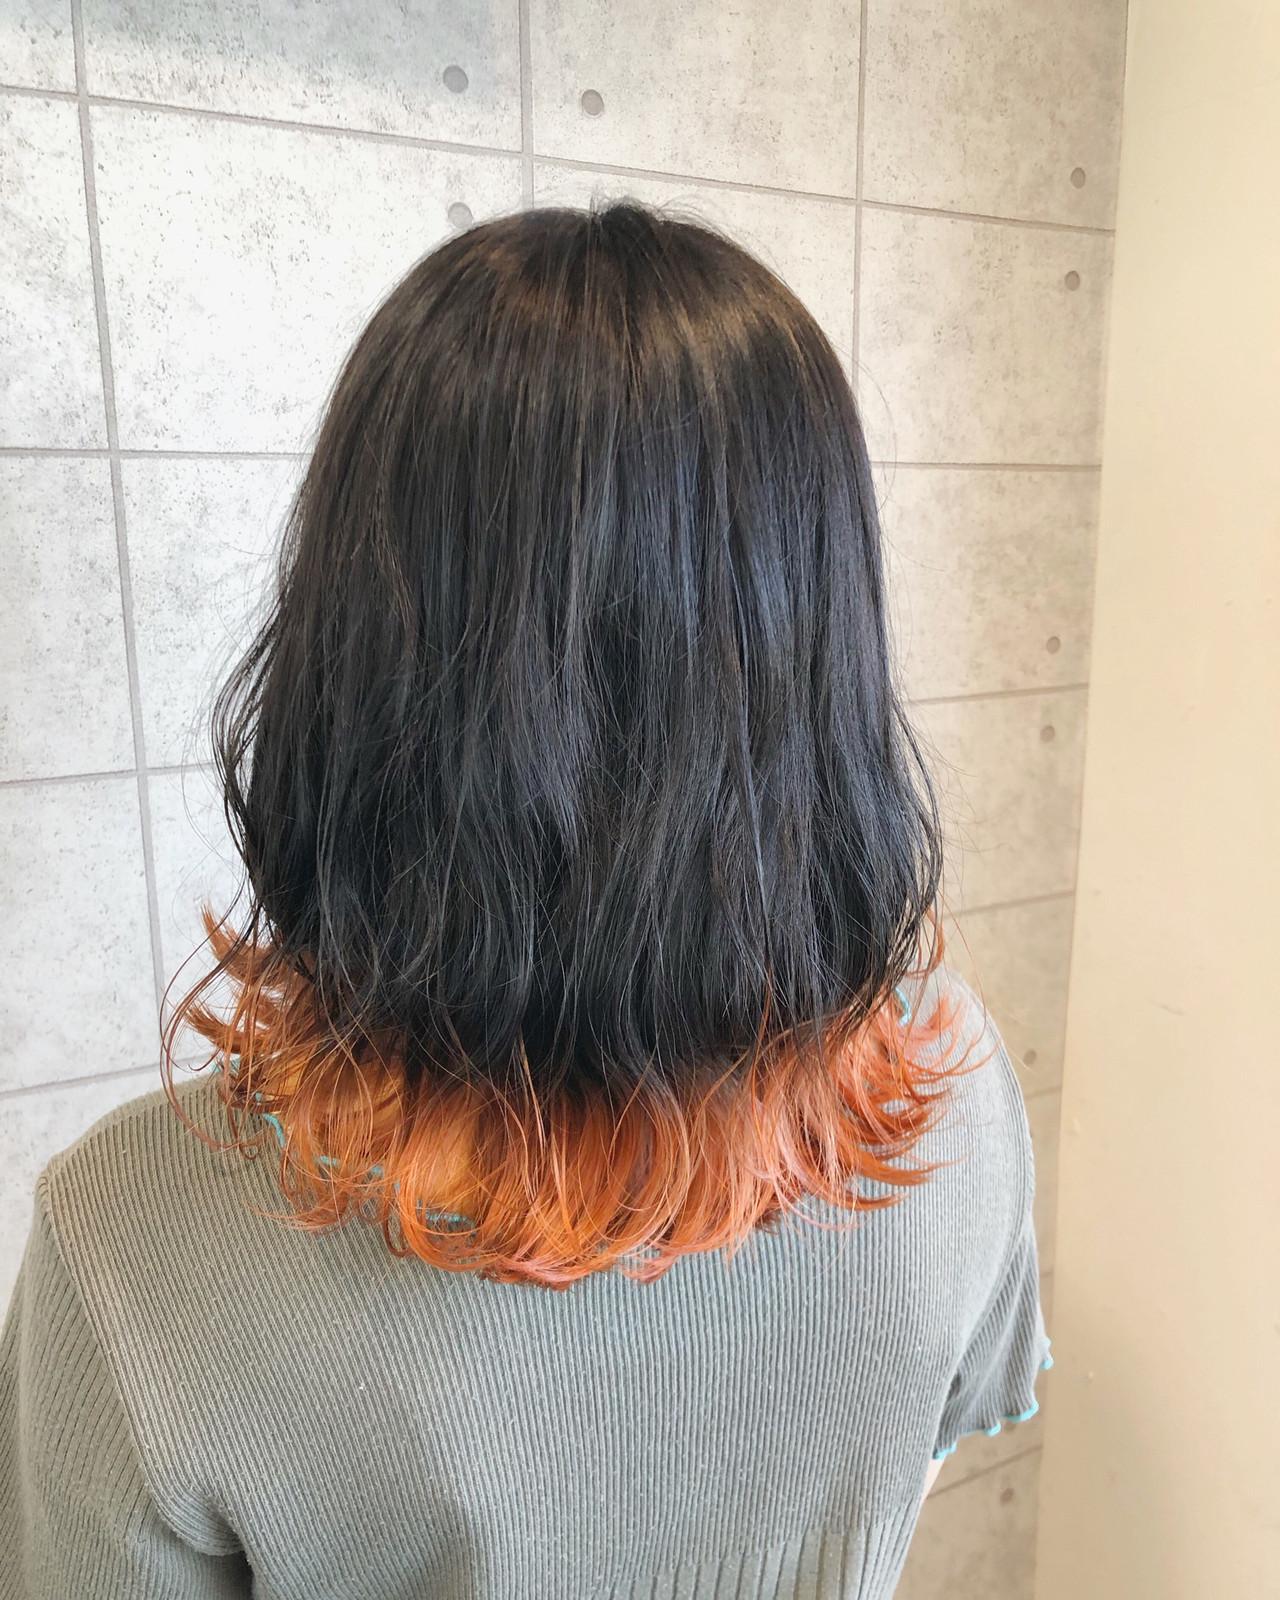 ミディアム イルミナカラー アプリコットオレンジ オレンジカラー ヘアスタイルや髪型の写真・画像